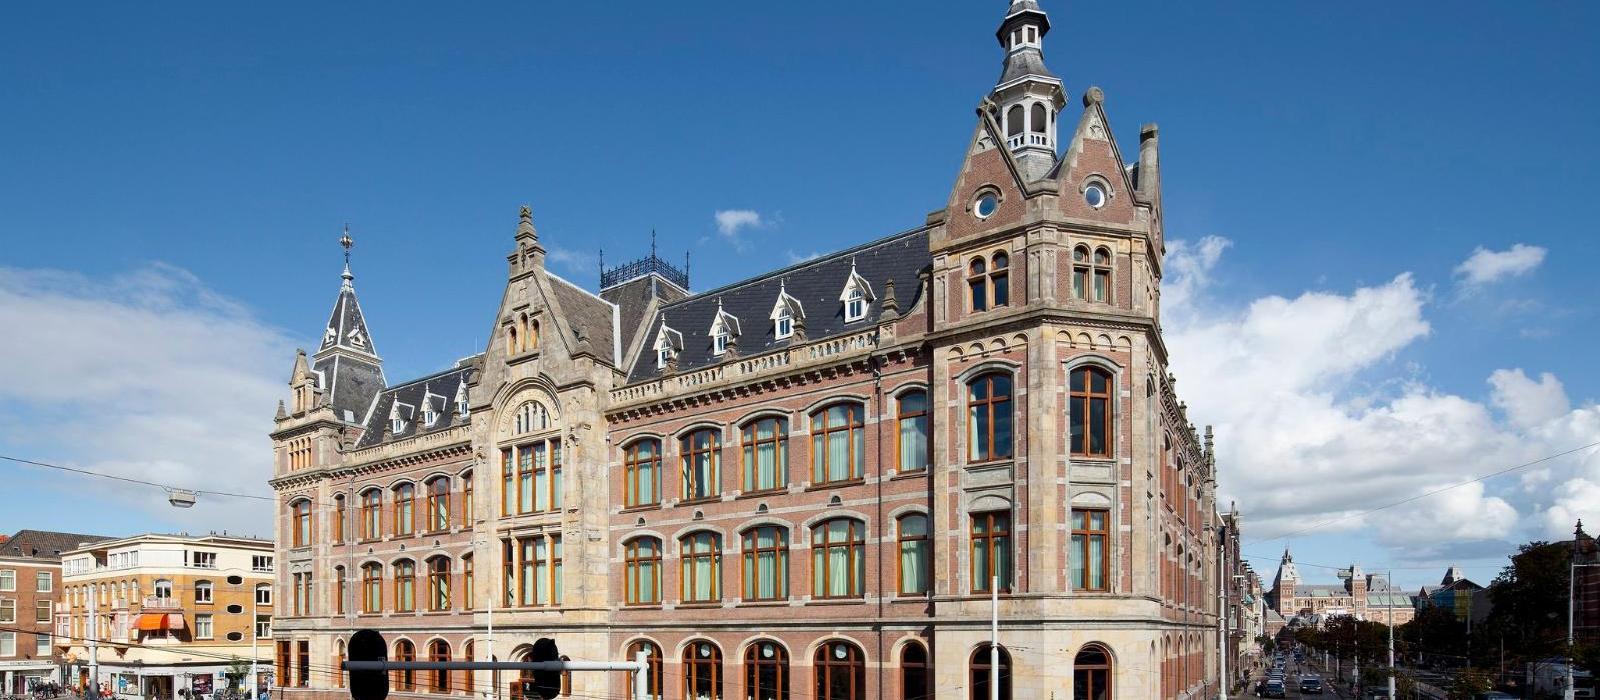 阿姆斯特丹音乐学院酒店(Conservatorium Hotel) 图片  www.lhw.cn